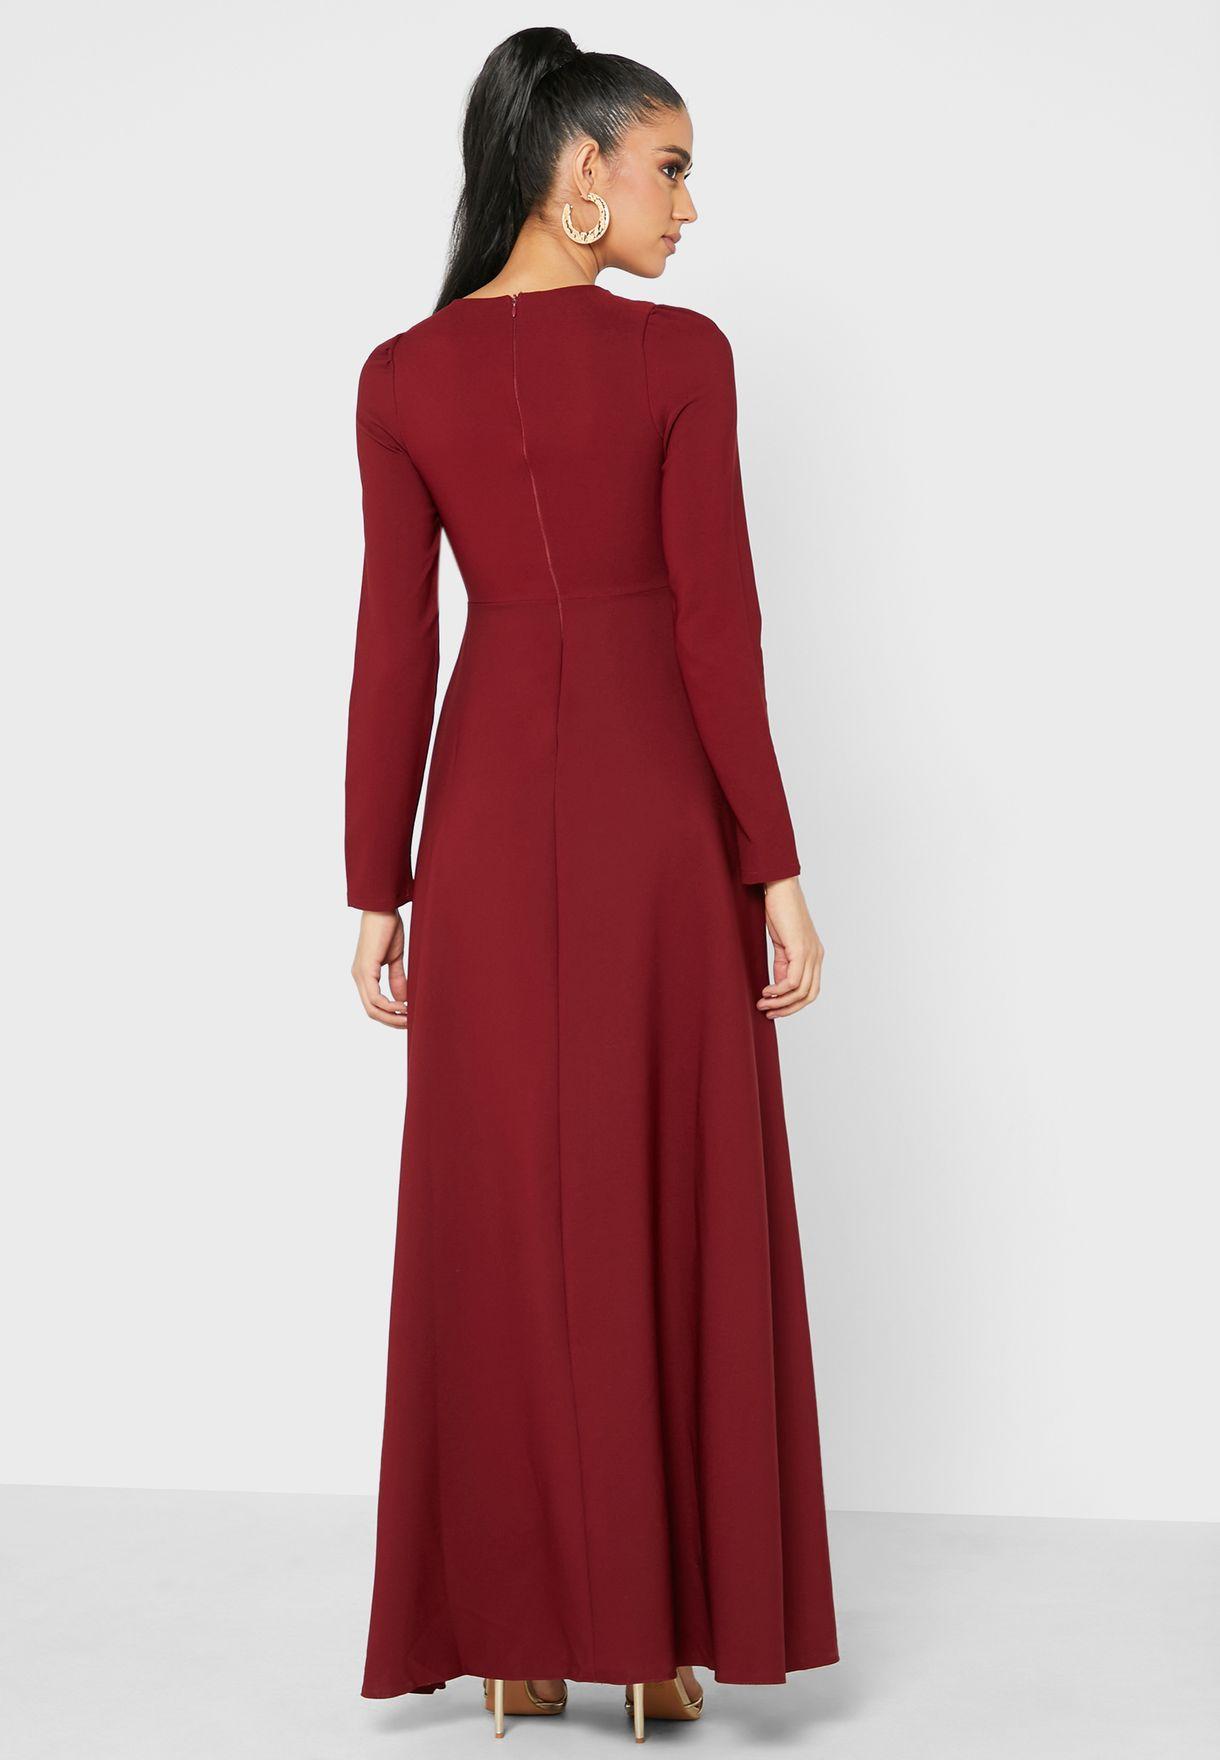 Modest A-Line Dress